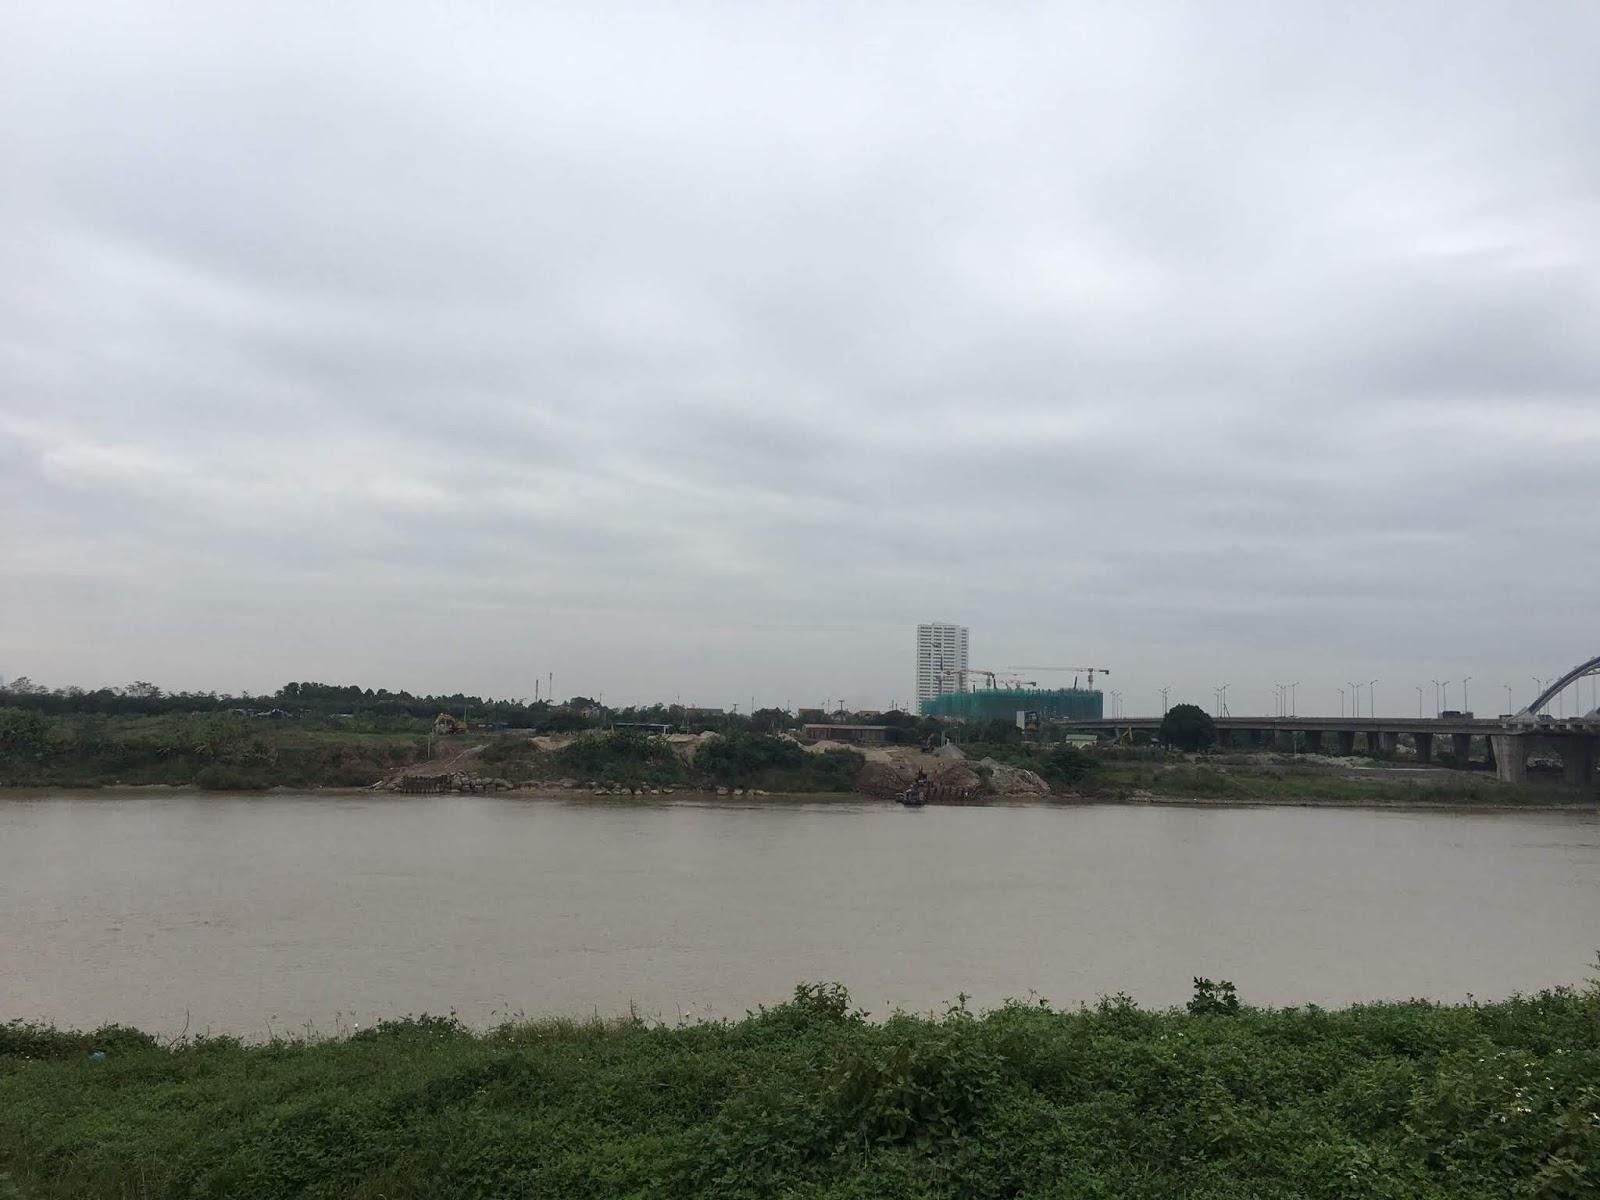 Căn hộ sở hữu không khí mát và trong lành từ dòng sông.